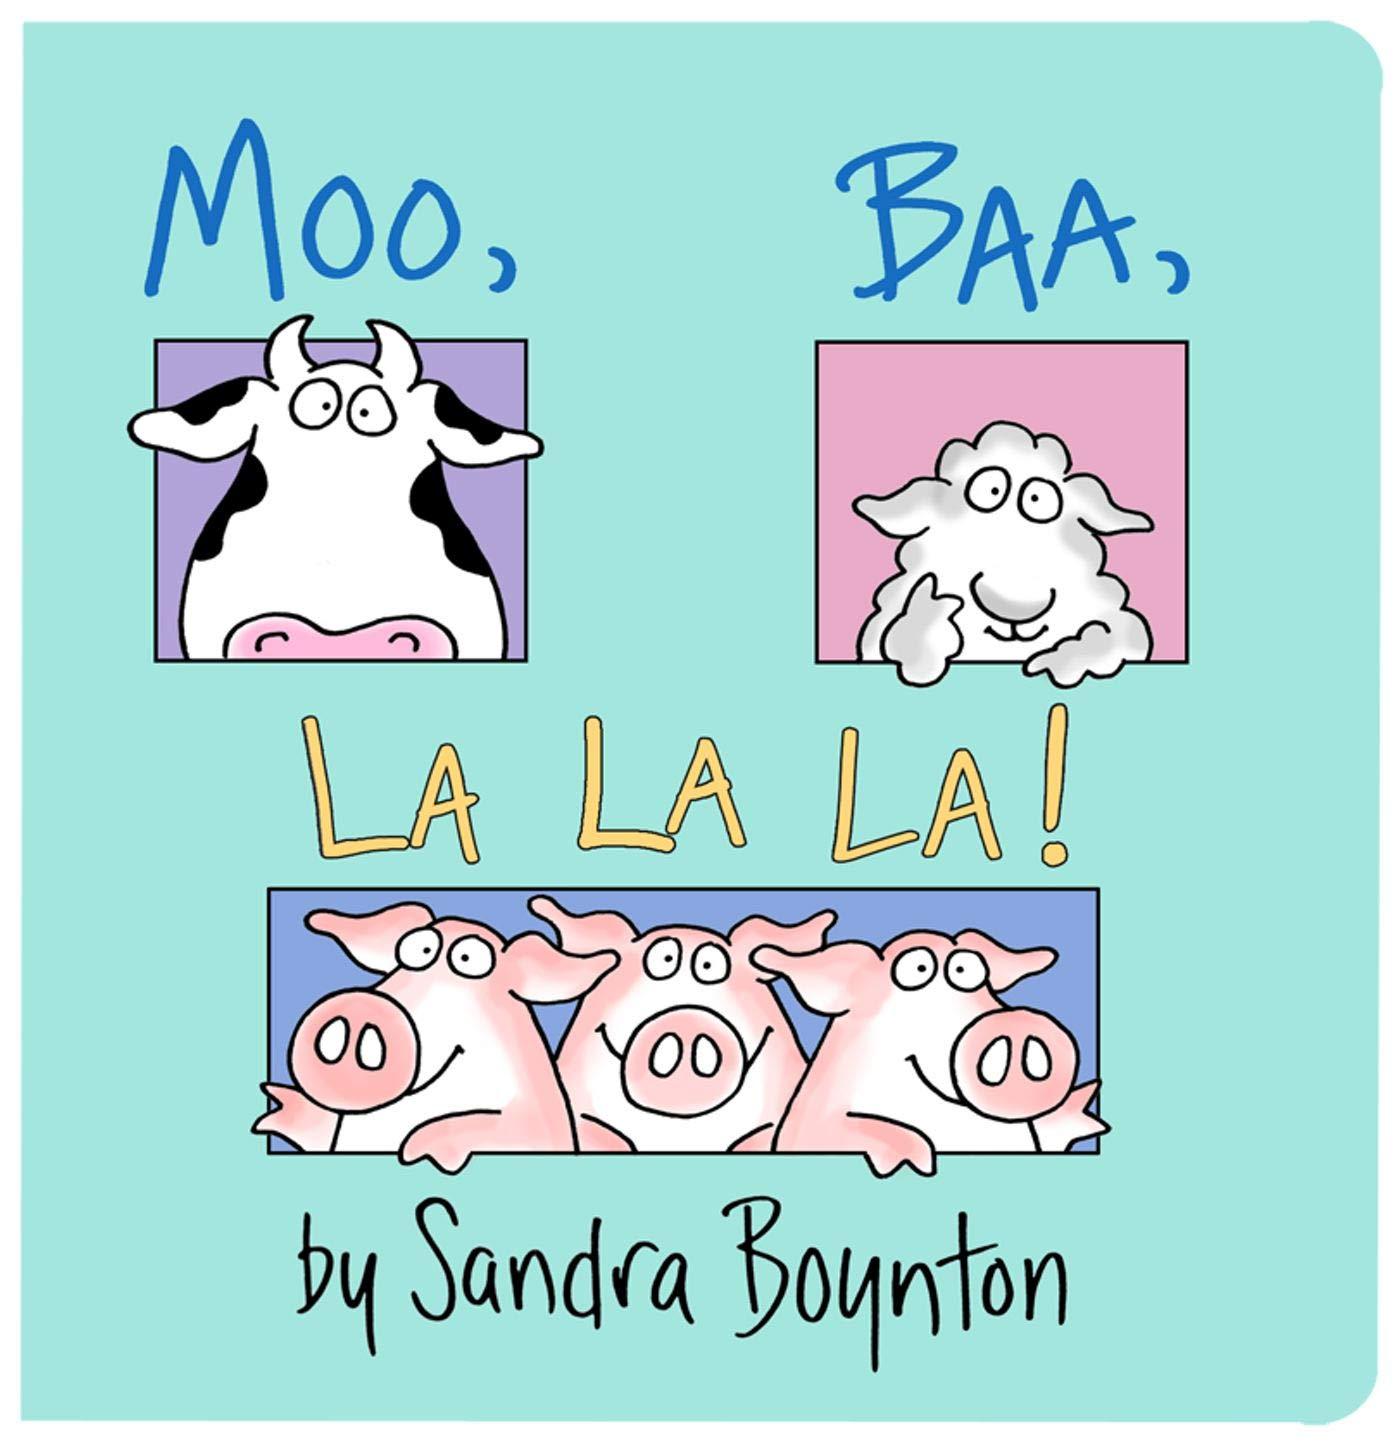 Amazon.com: Moo Baa La La La (0642688055561): Sandra Boynton: Books